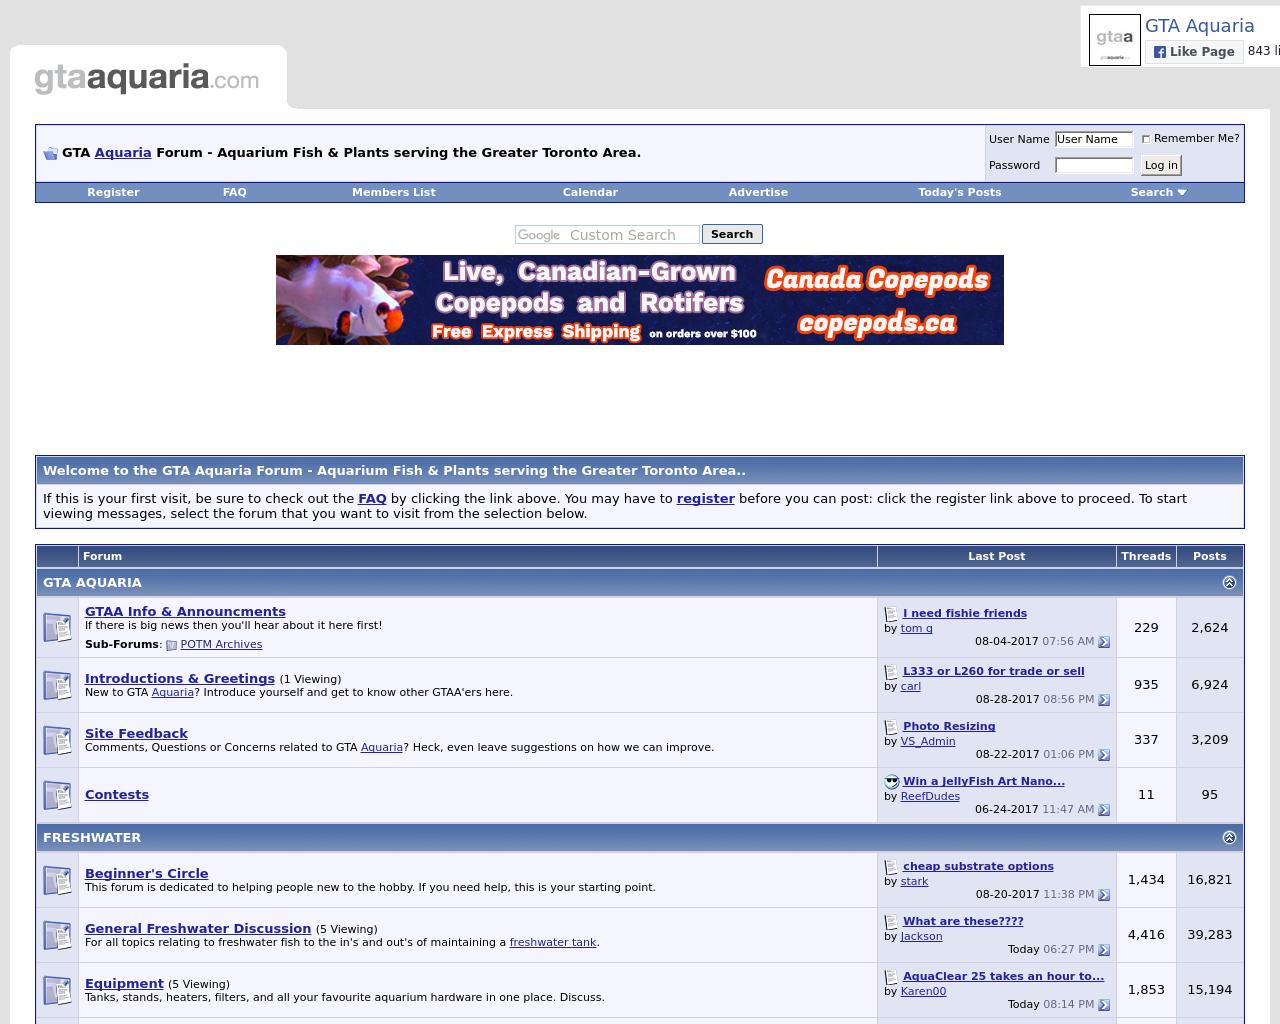 GTA-Aquaria-Forum-Advertising-Reviews-Pricing